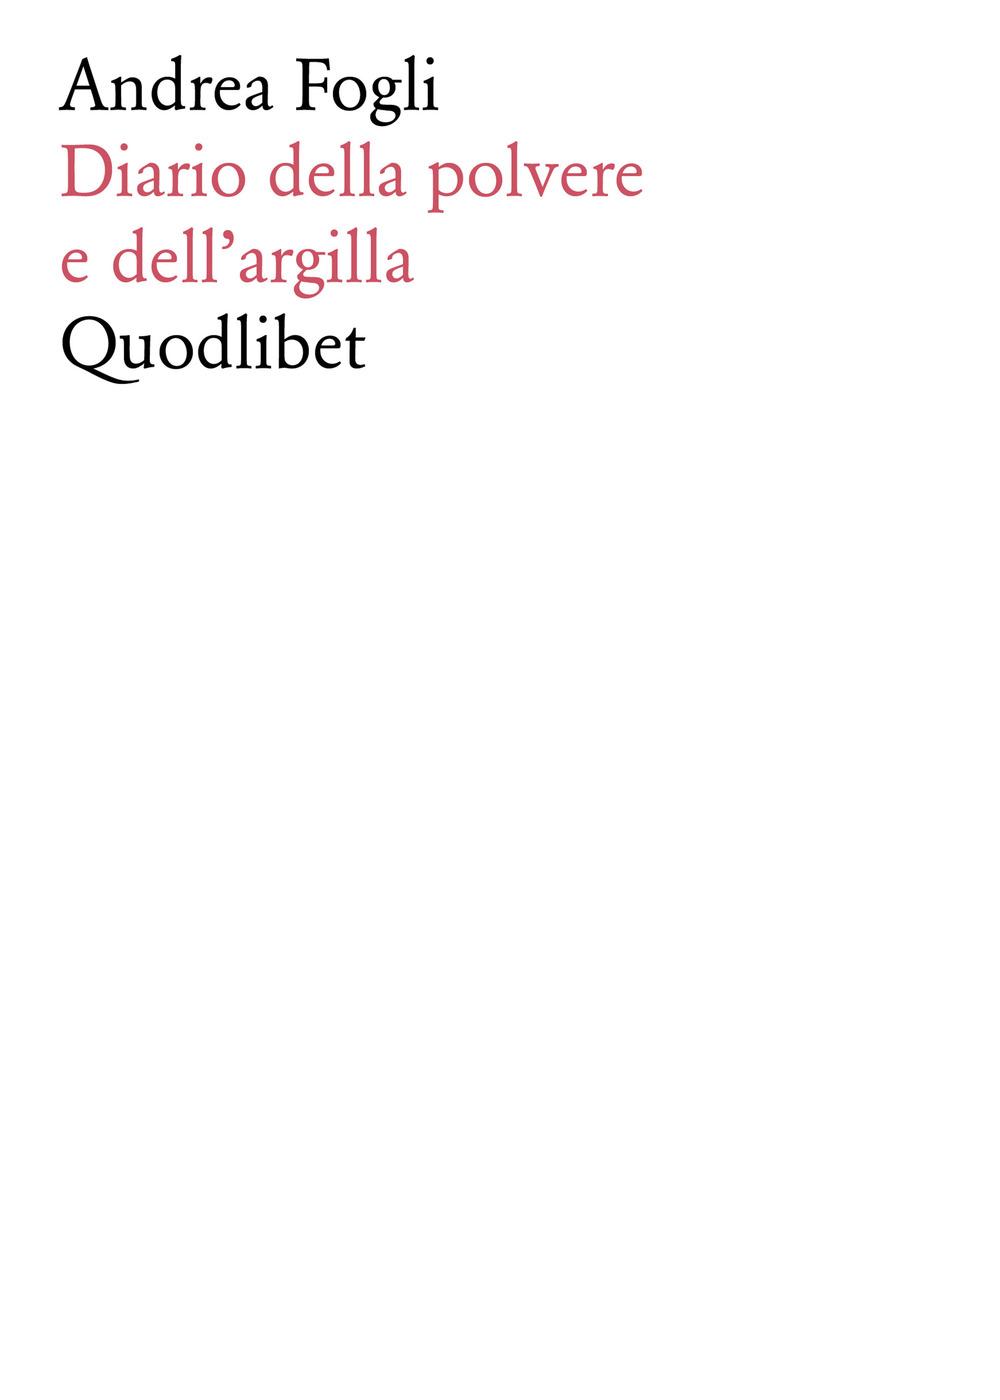 DIARIO DELLA POLVERE E DELL'ARGILLA - 9788822902344